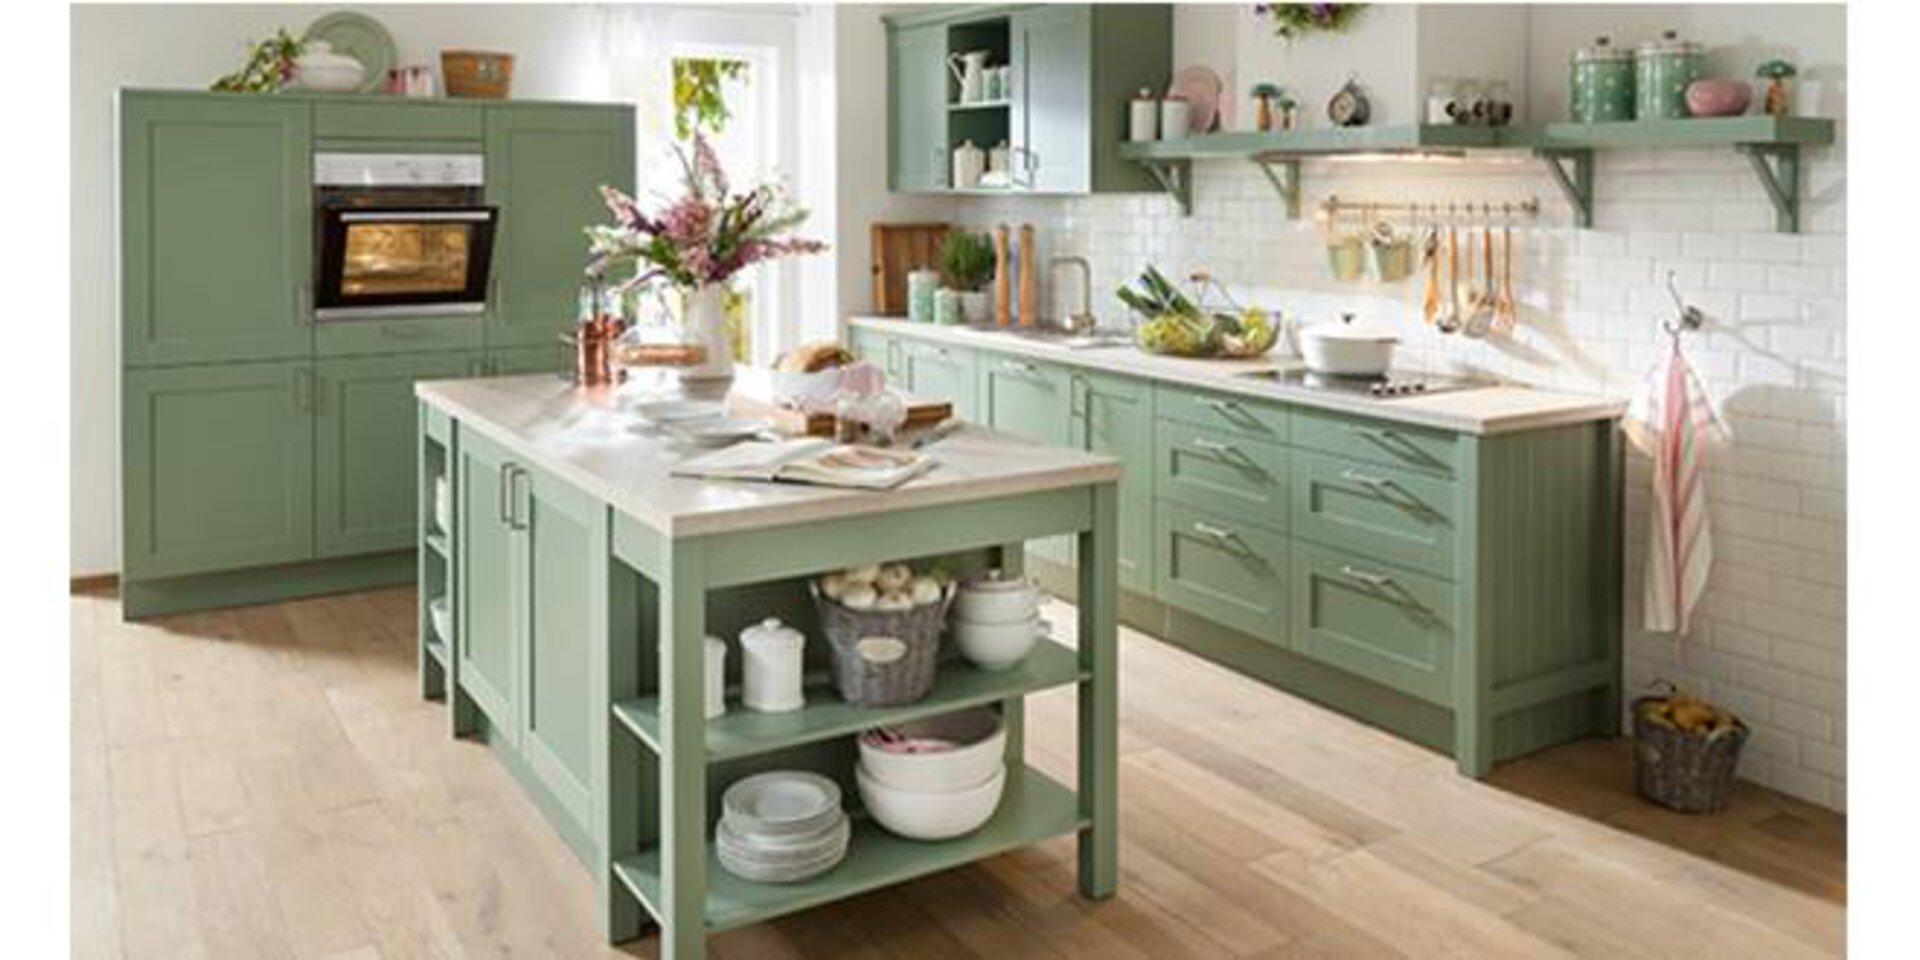 Planungsküche im Landhausstill mit grünen Holzmöbeln und rustikaler Kücheninsel.